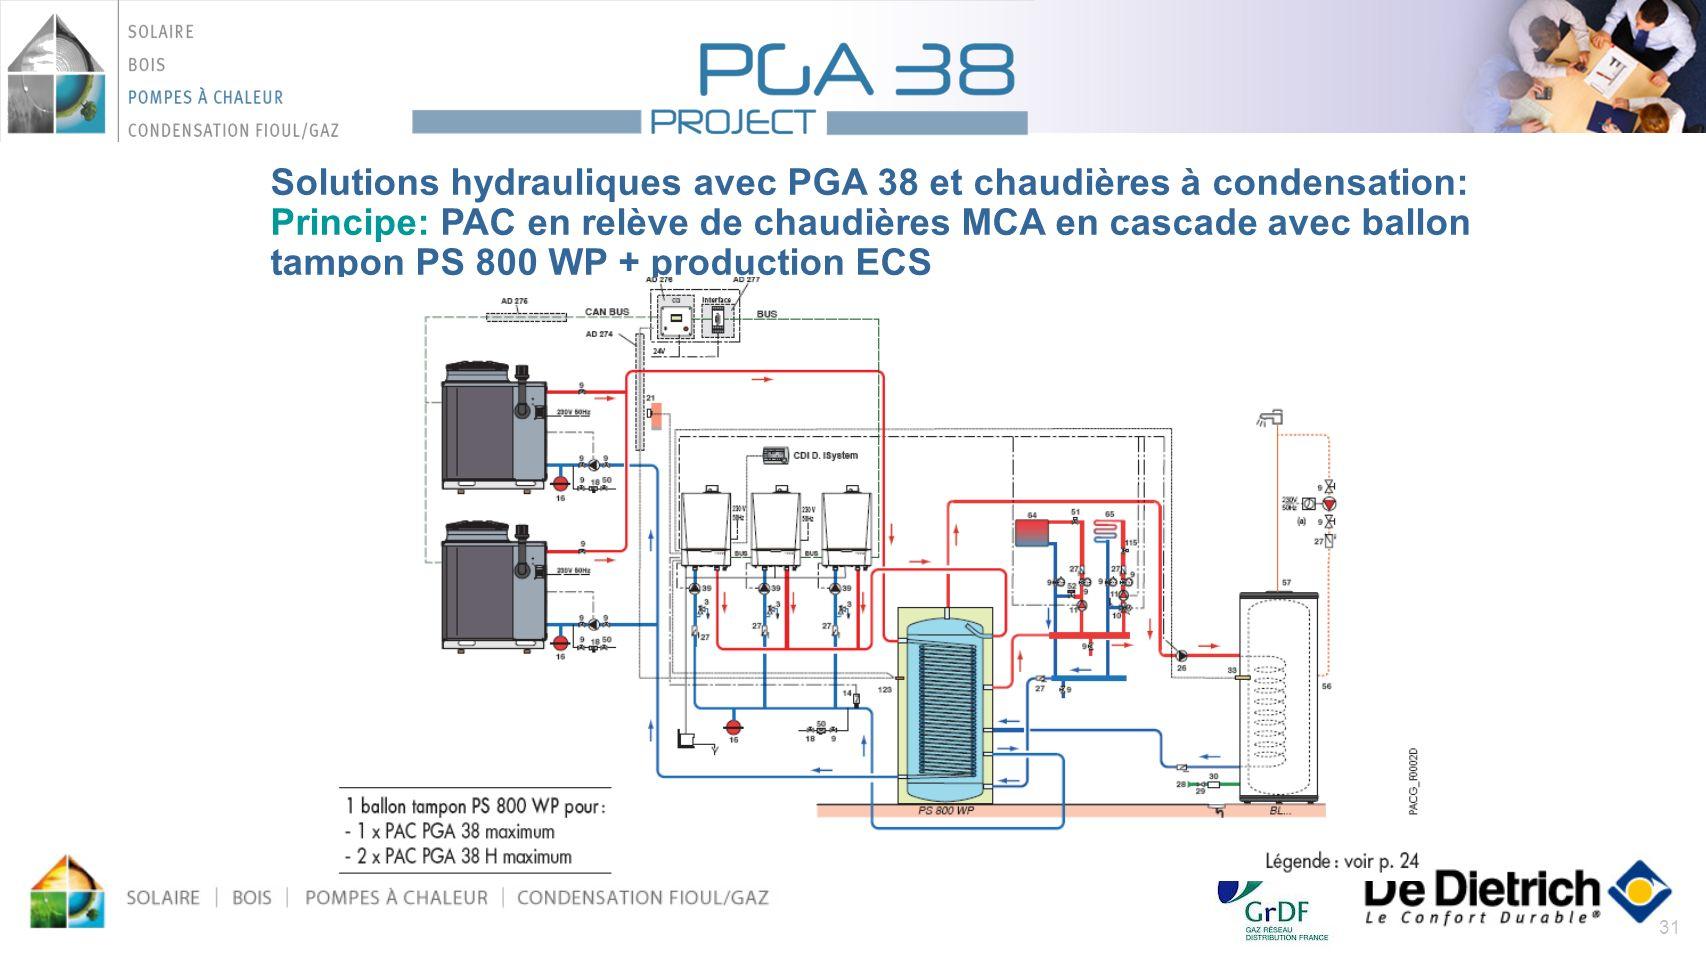 Solutions hydrauliques avec PGA 38 et chaudières à condensation: Principe: PAC en relève de chaudières MCA en cascade avec ballon tampon PS 800 WP + production ECS